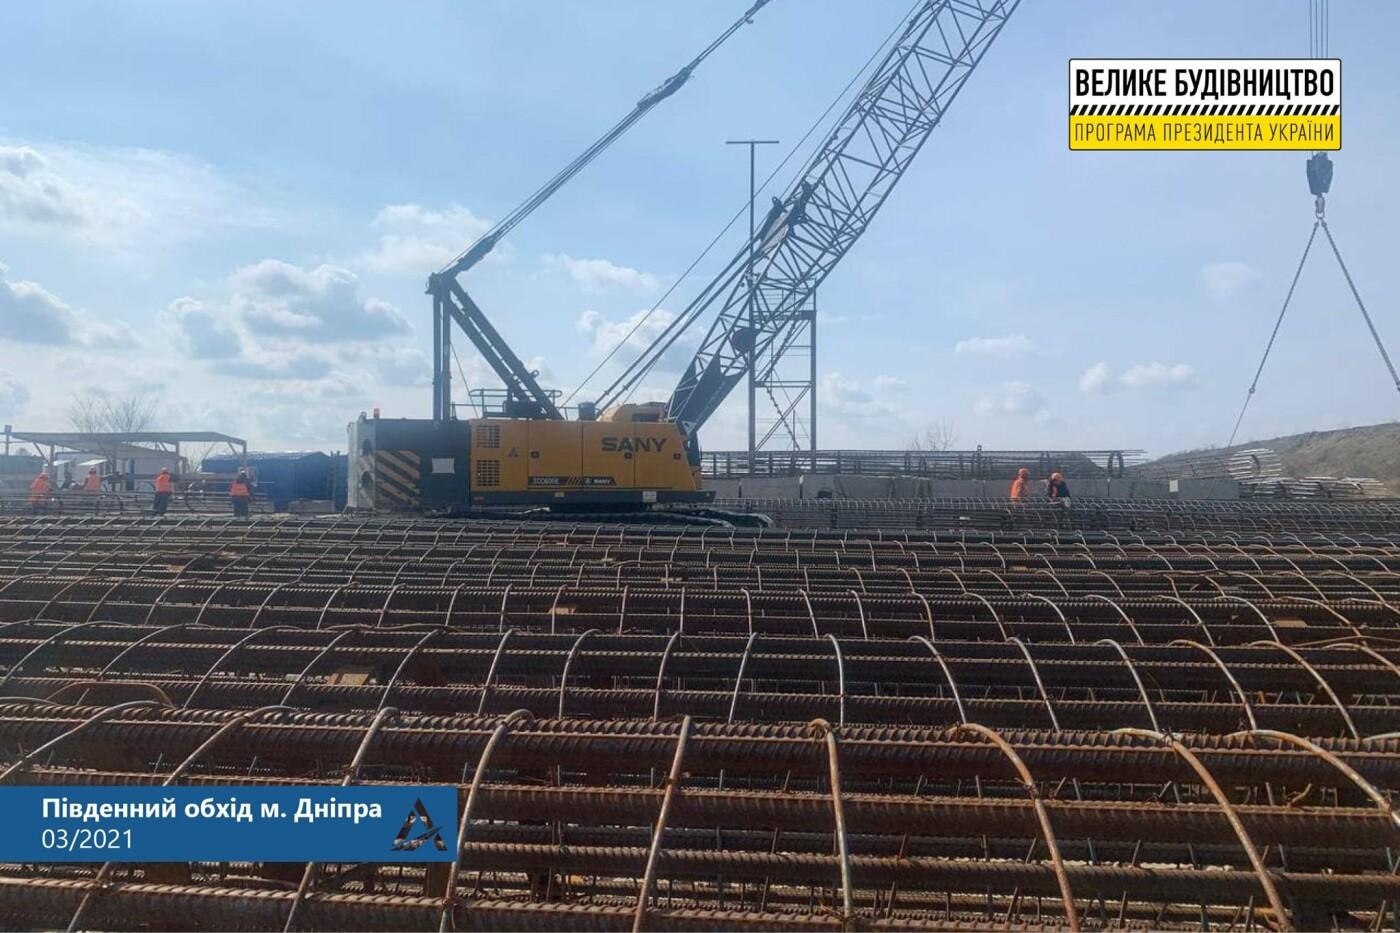 Возле аэропорта Днепра делают двухуровневую дорогу из 38-метровых столбов, — ФОТО , фото-1